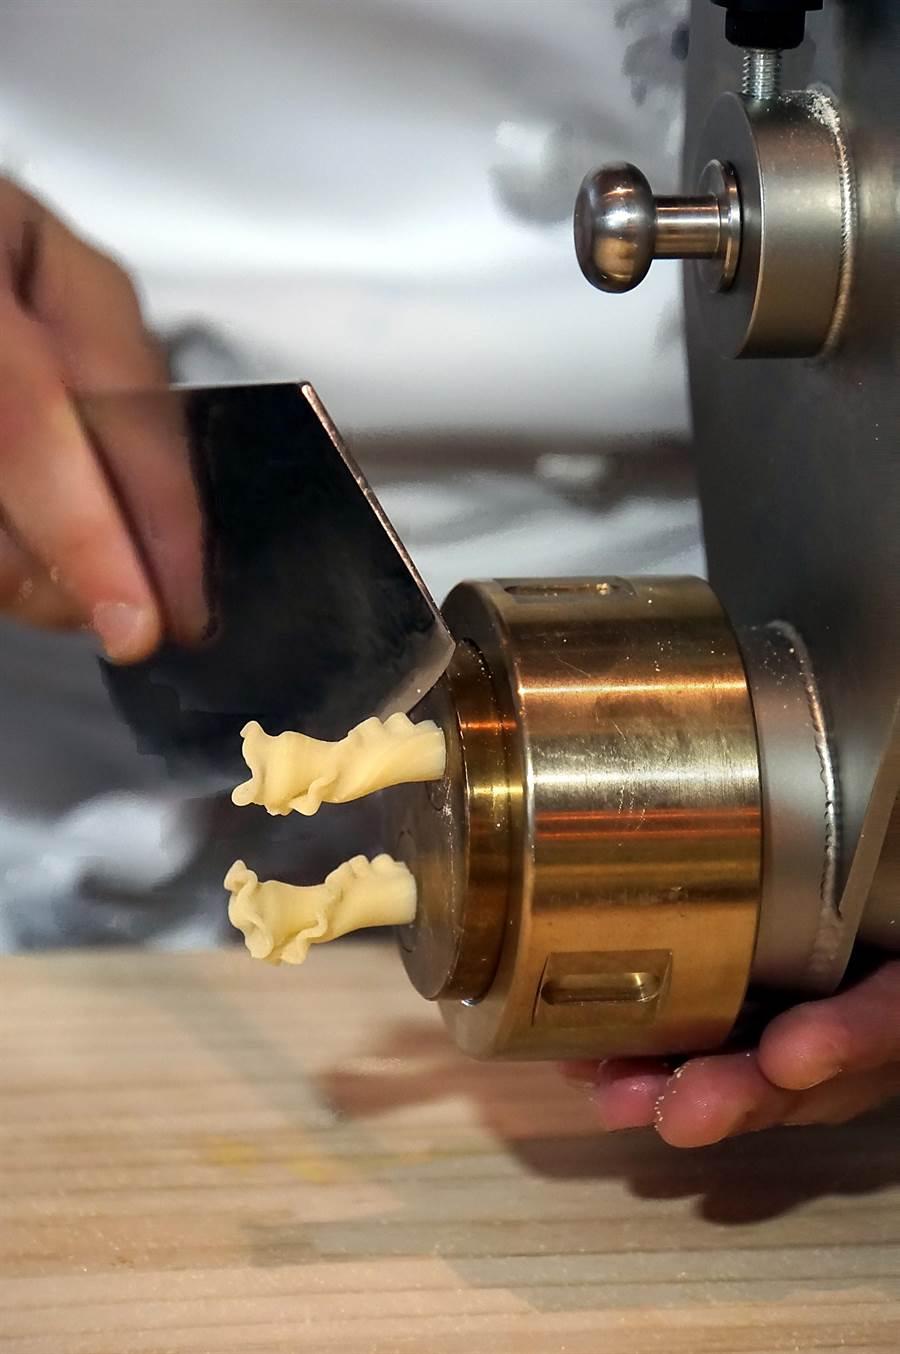 寒舍艾麗酒店〈La Farfalla〉餐廳引進了義大利手工製麵機,可以現場製作各式造型的義大利麵。(圖/姚舜)